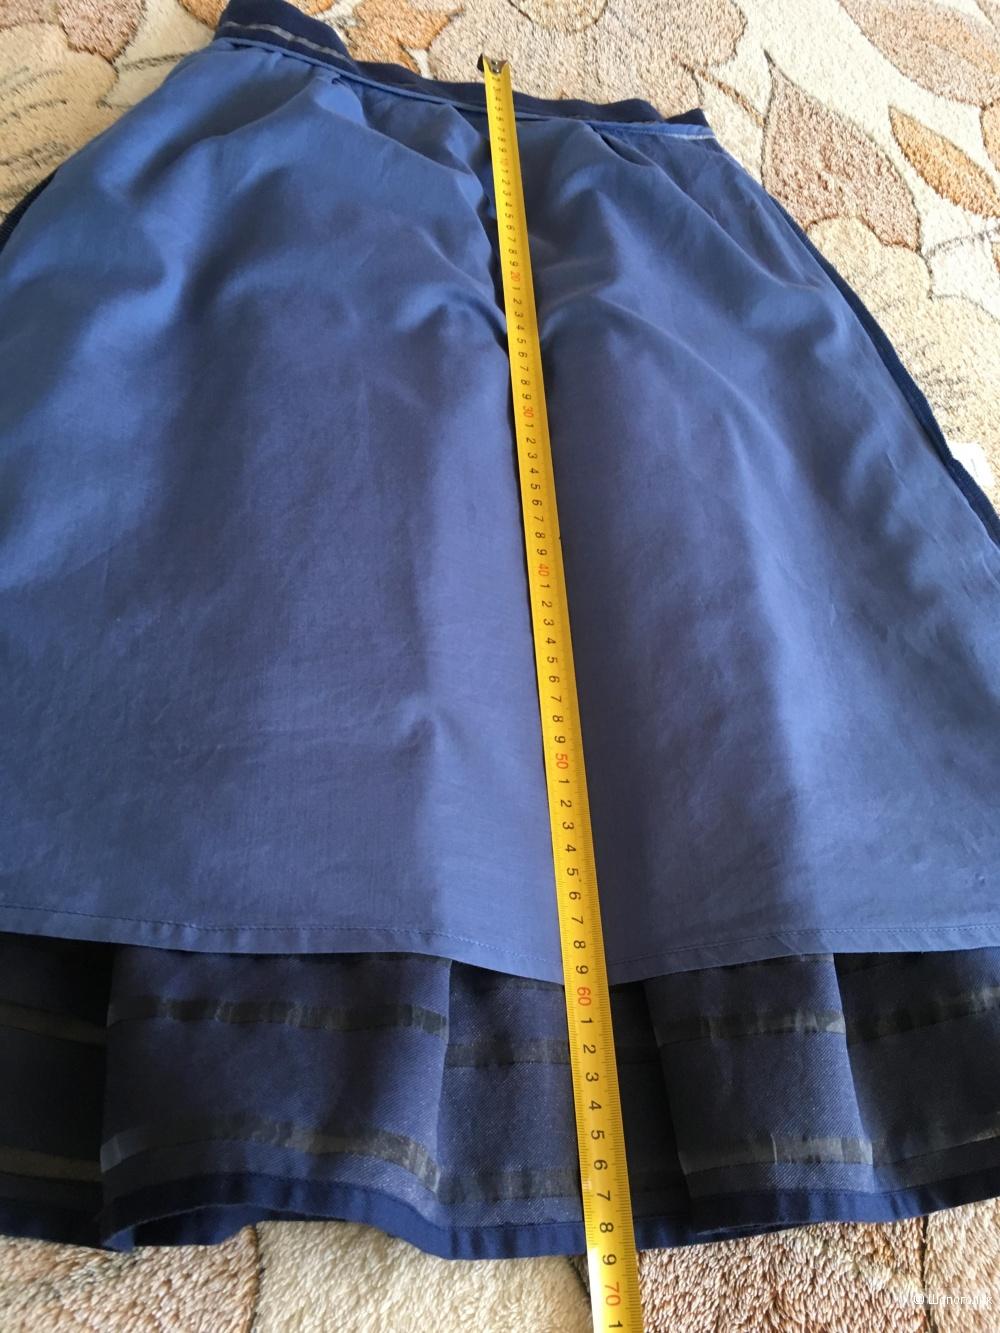 Юбка, Calista, 44 российский размер, (синяя)